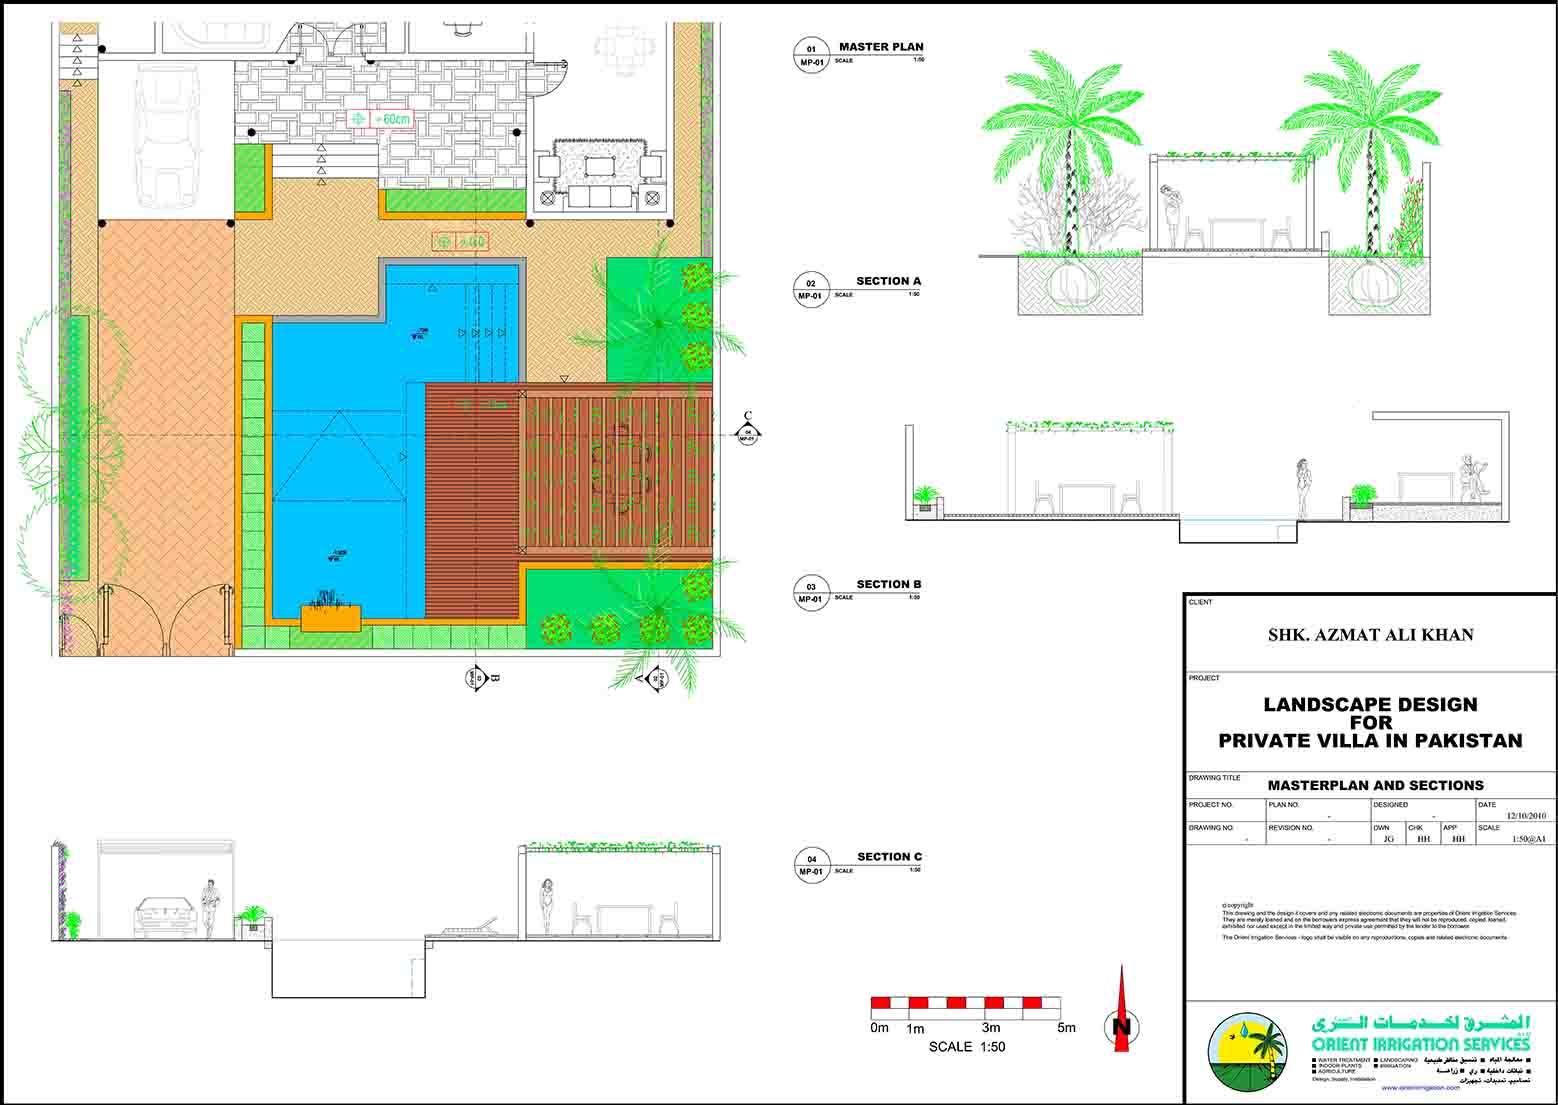 J A D - S C A P E: Orient Irrigation Services - Dubai